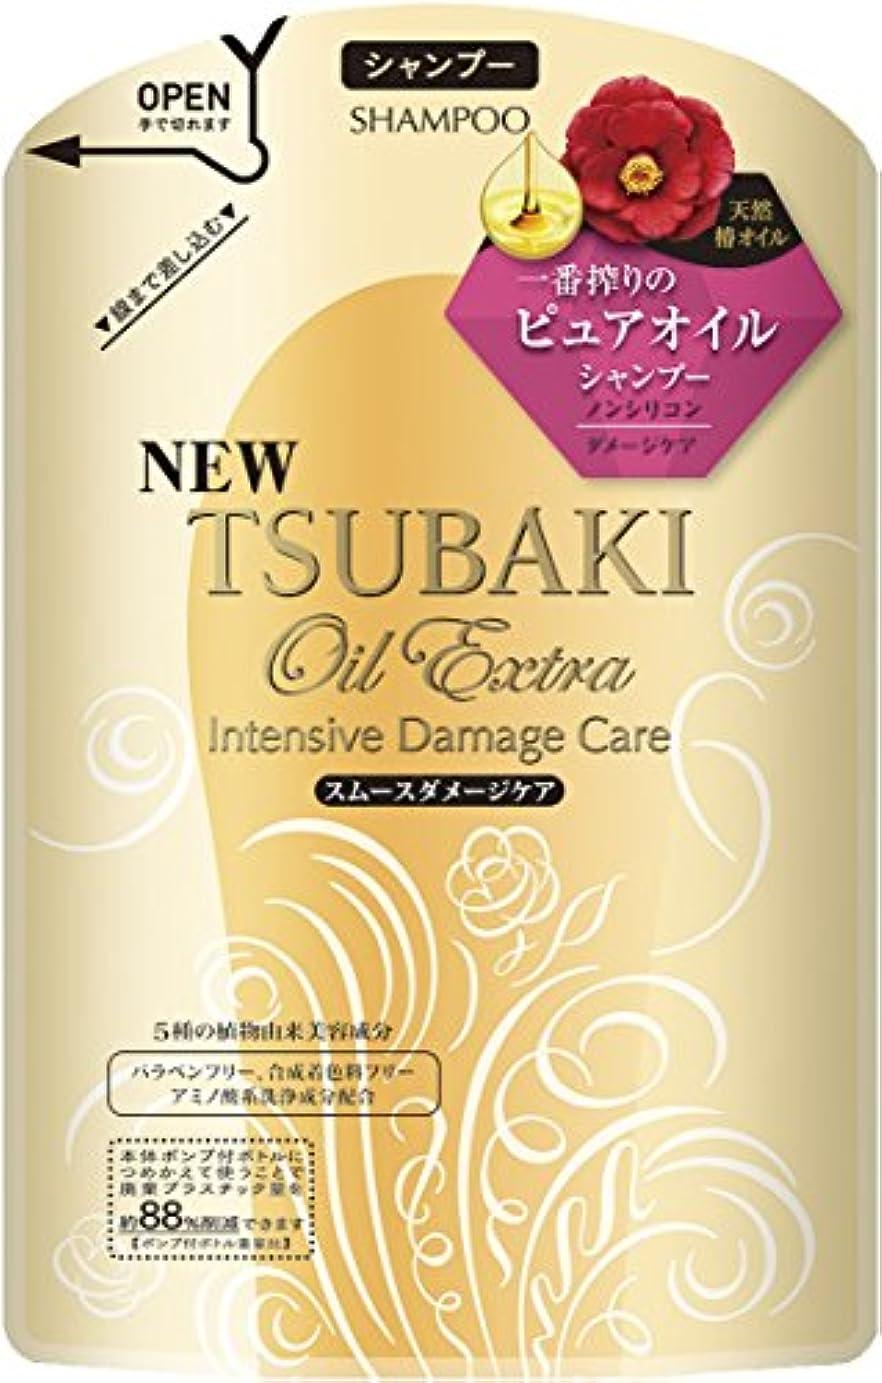 特定の杖ショートTSUBAKI オイルエクストラ スムースダメージケア シャンプー 詰め替え用 (からまりやすい髪用?ノンシリコン) 330ml